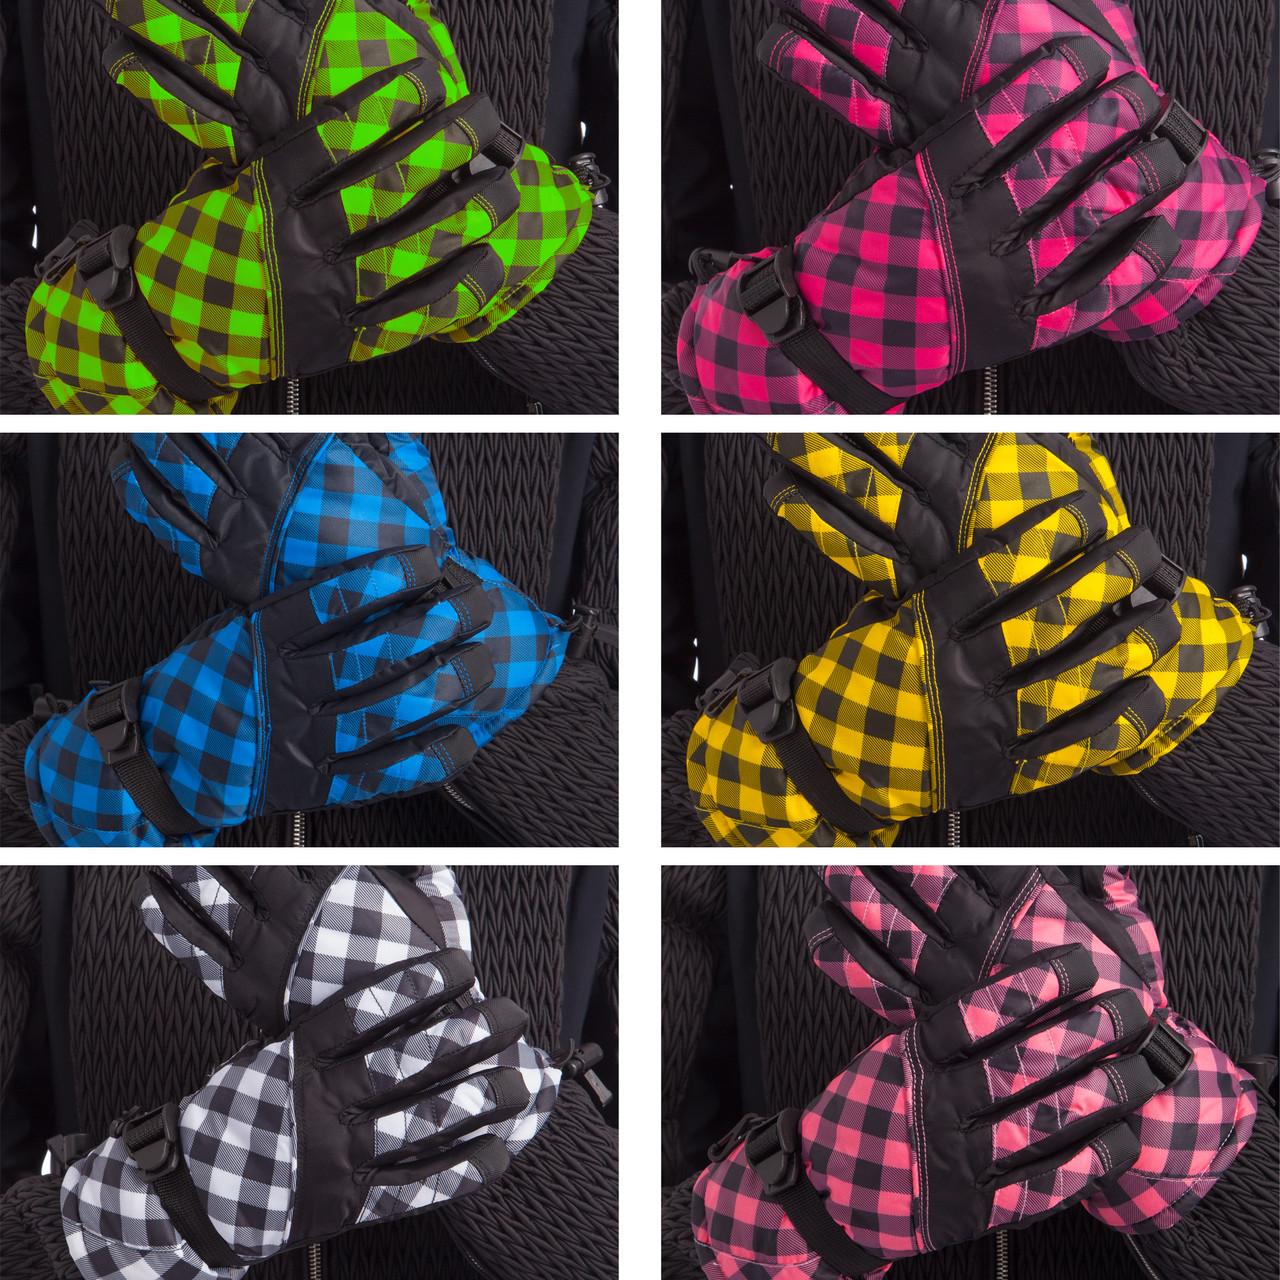 Перчатки горнолыжные теплые женские (р-р M-L, L-XL, уп.-12пар, цена за 1пару, цвета в ассортименте)